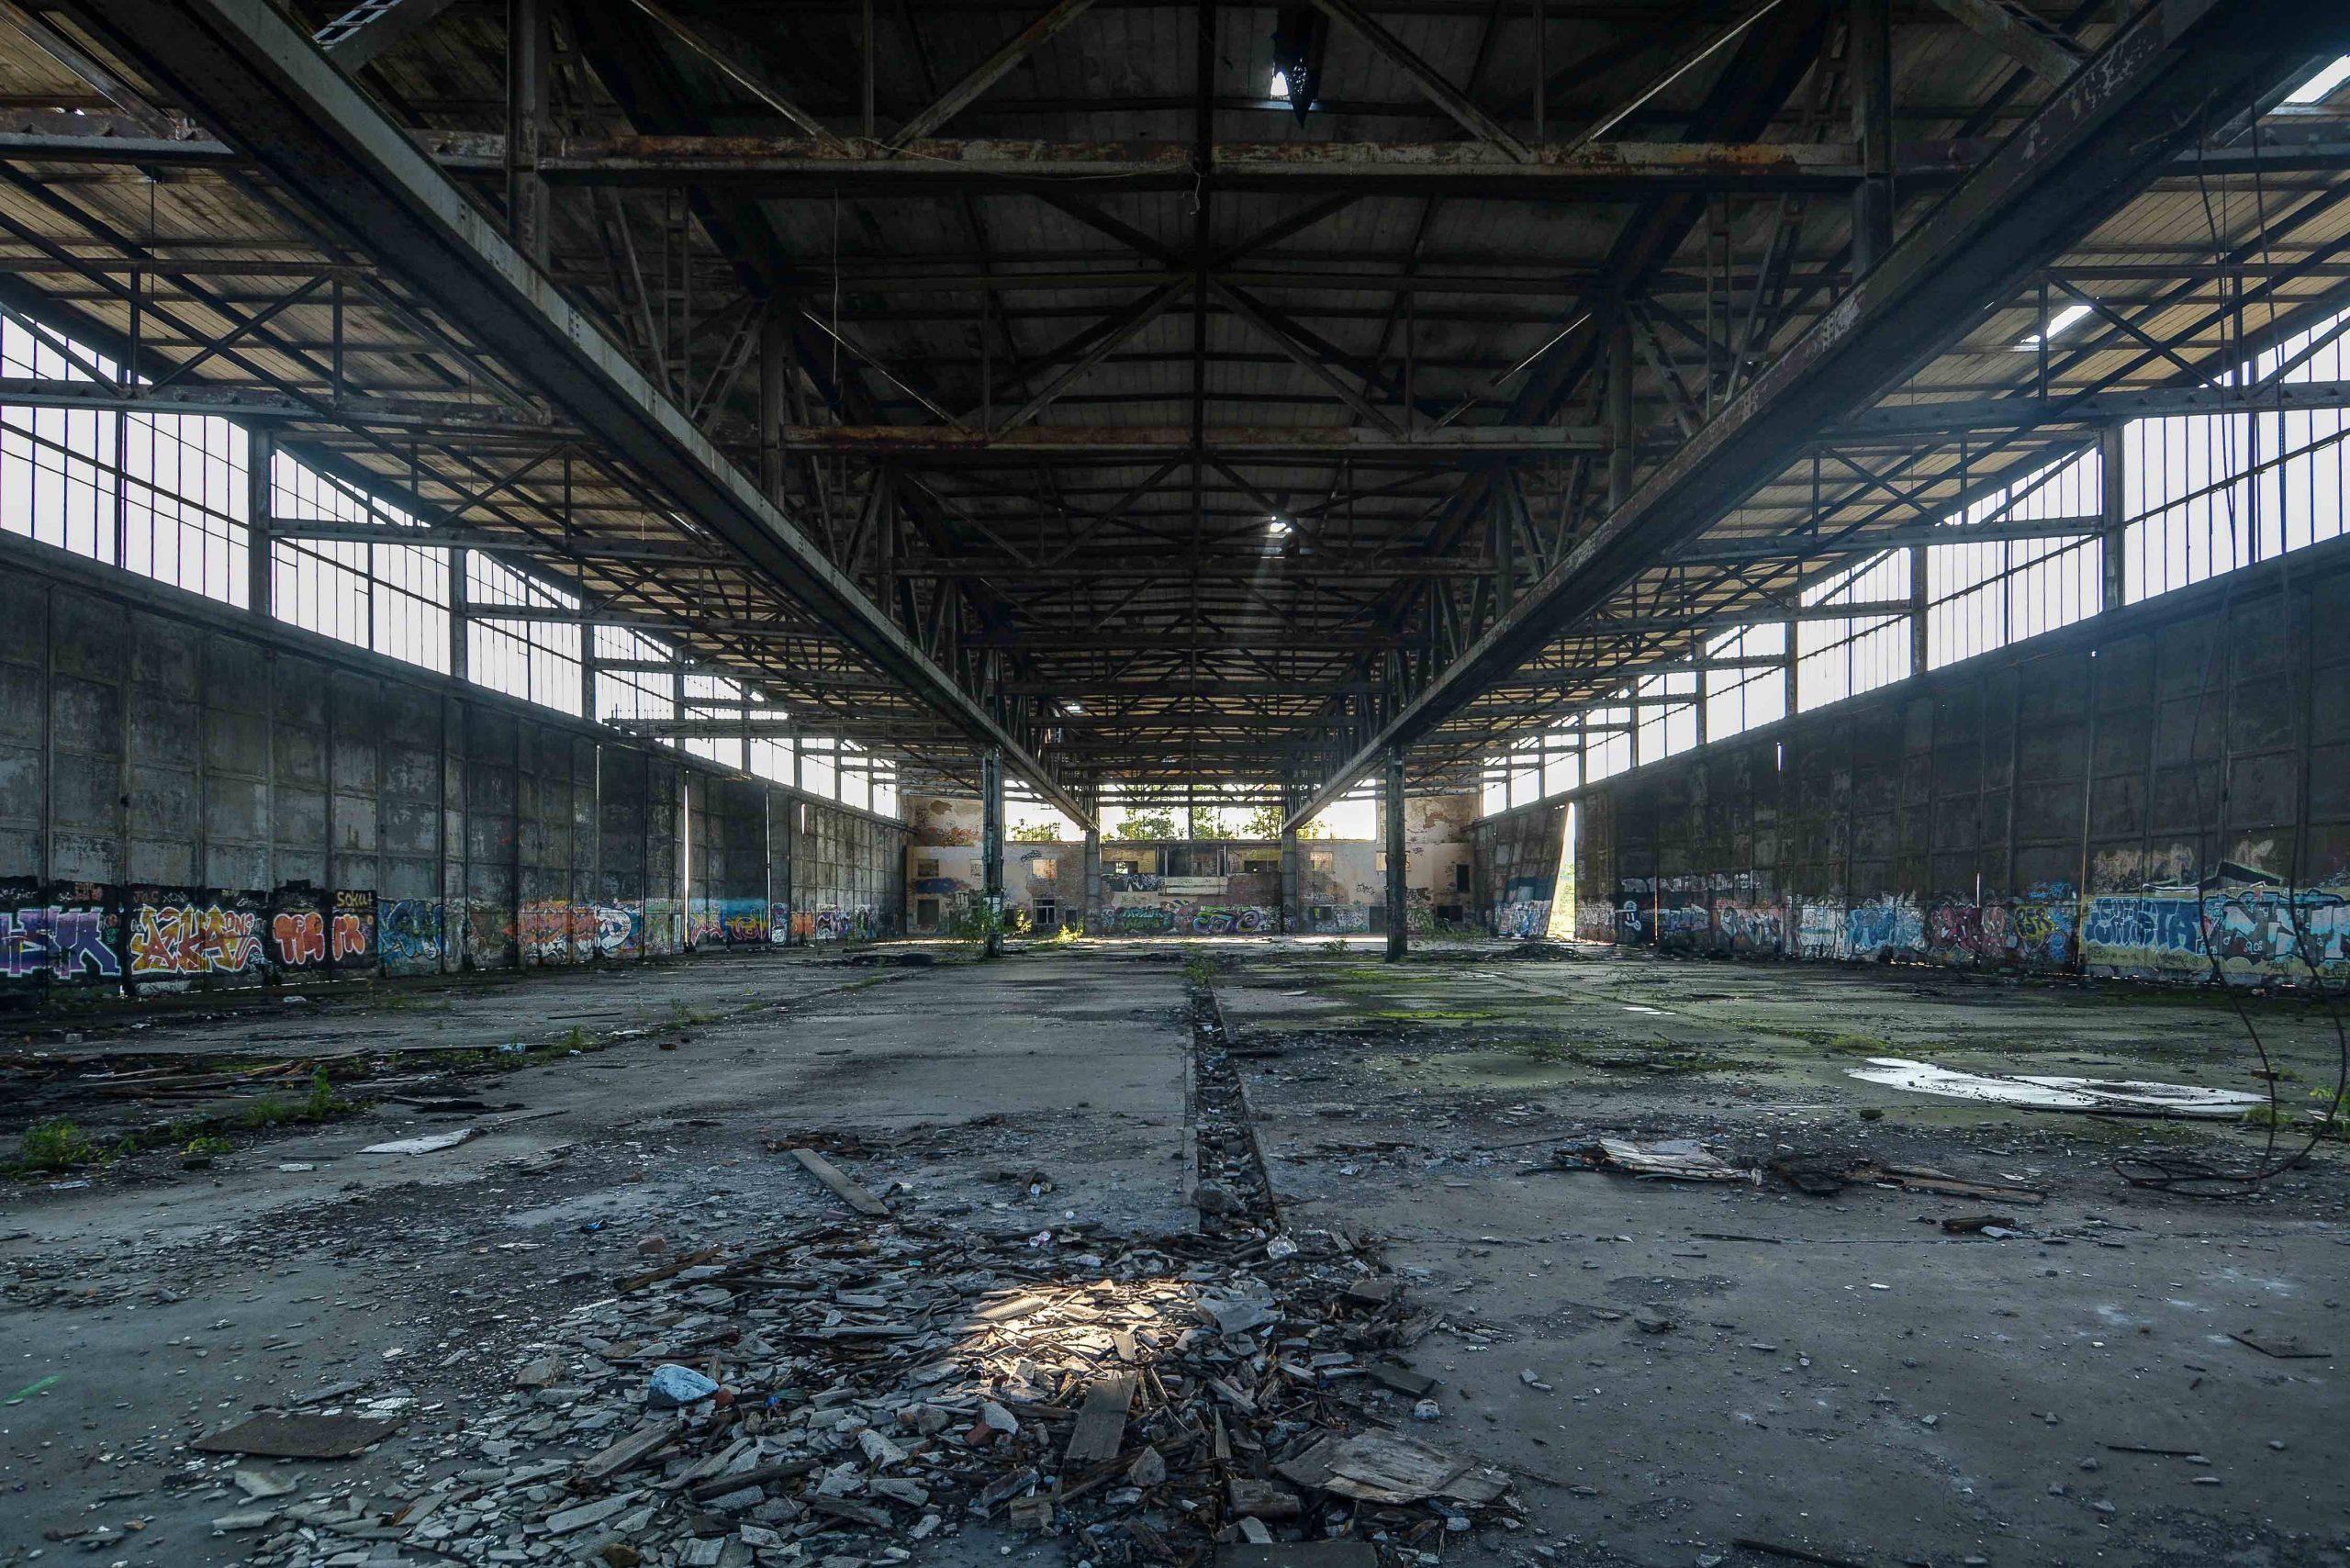 interior aircraft hangar einflughalle flugplatz oranienburg urbex abandoned lost places brandenburg